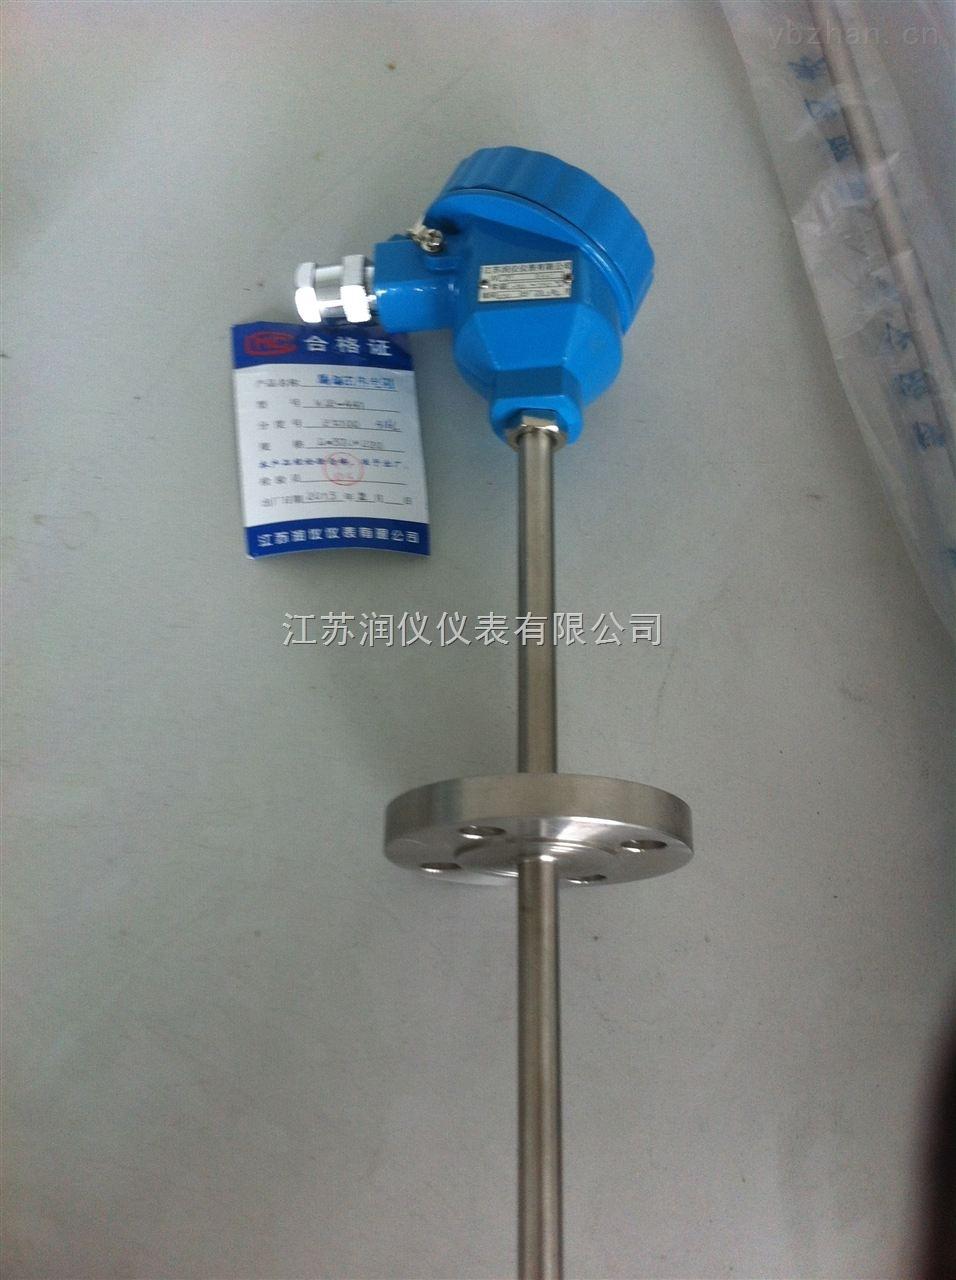 该产品装配式热电阻主要由接线盒